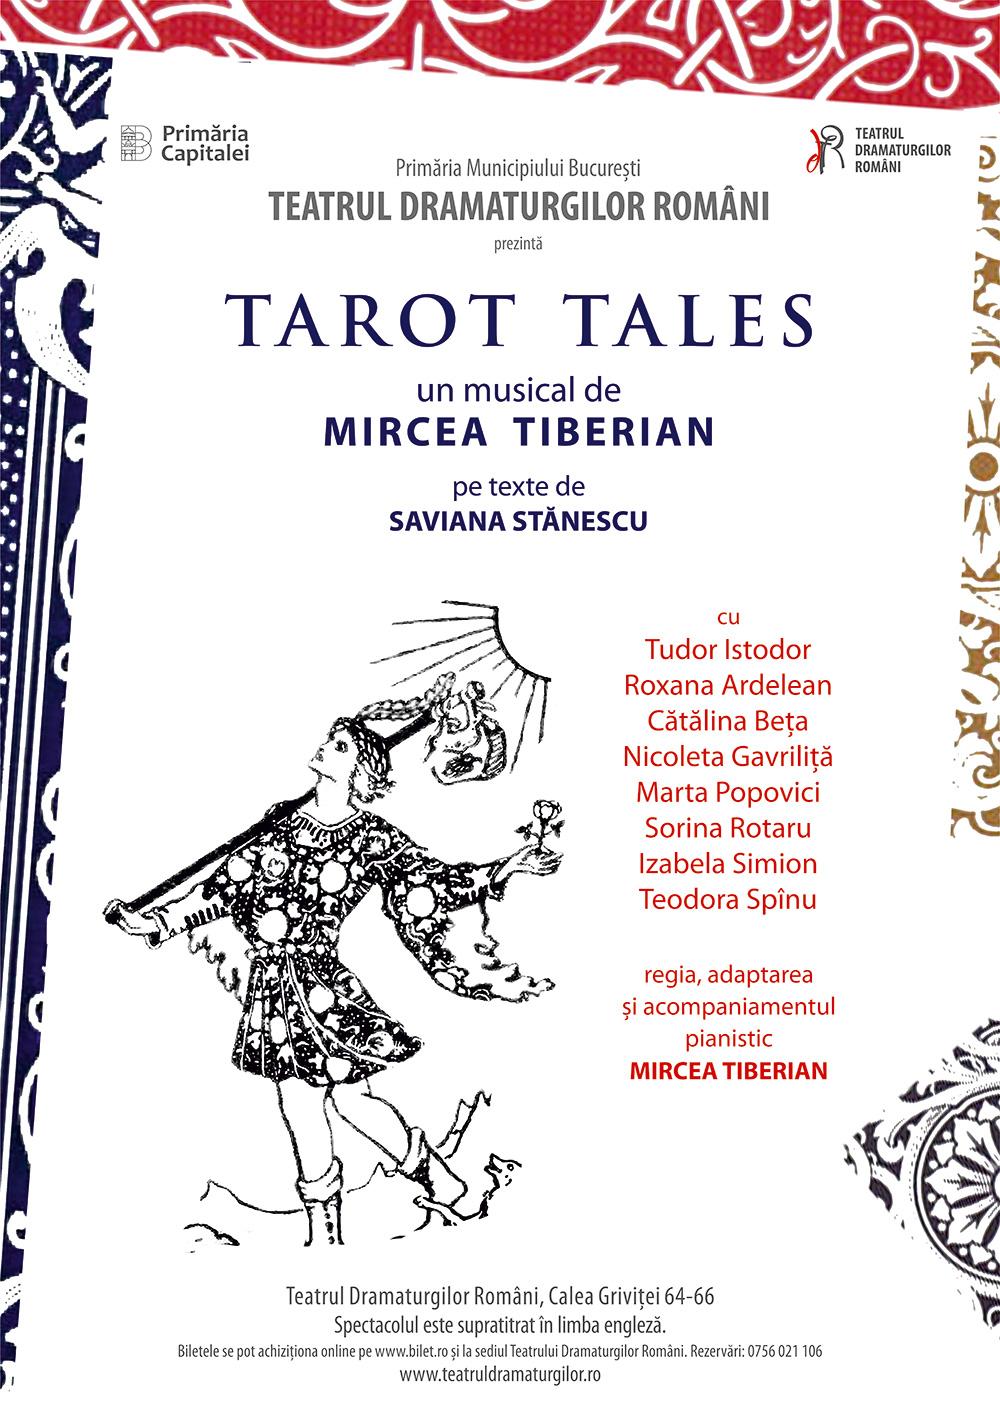 TAROT TALES, un musical de Mircea Tiberian pe texte de Saviana Stănescu